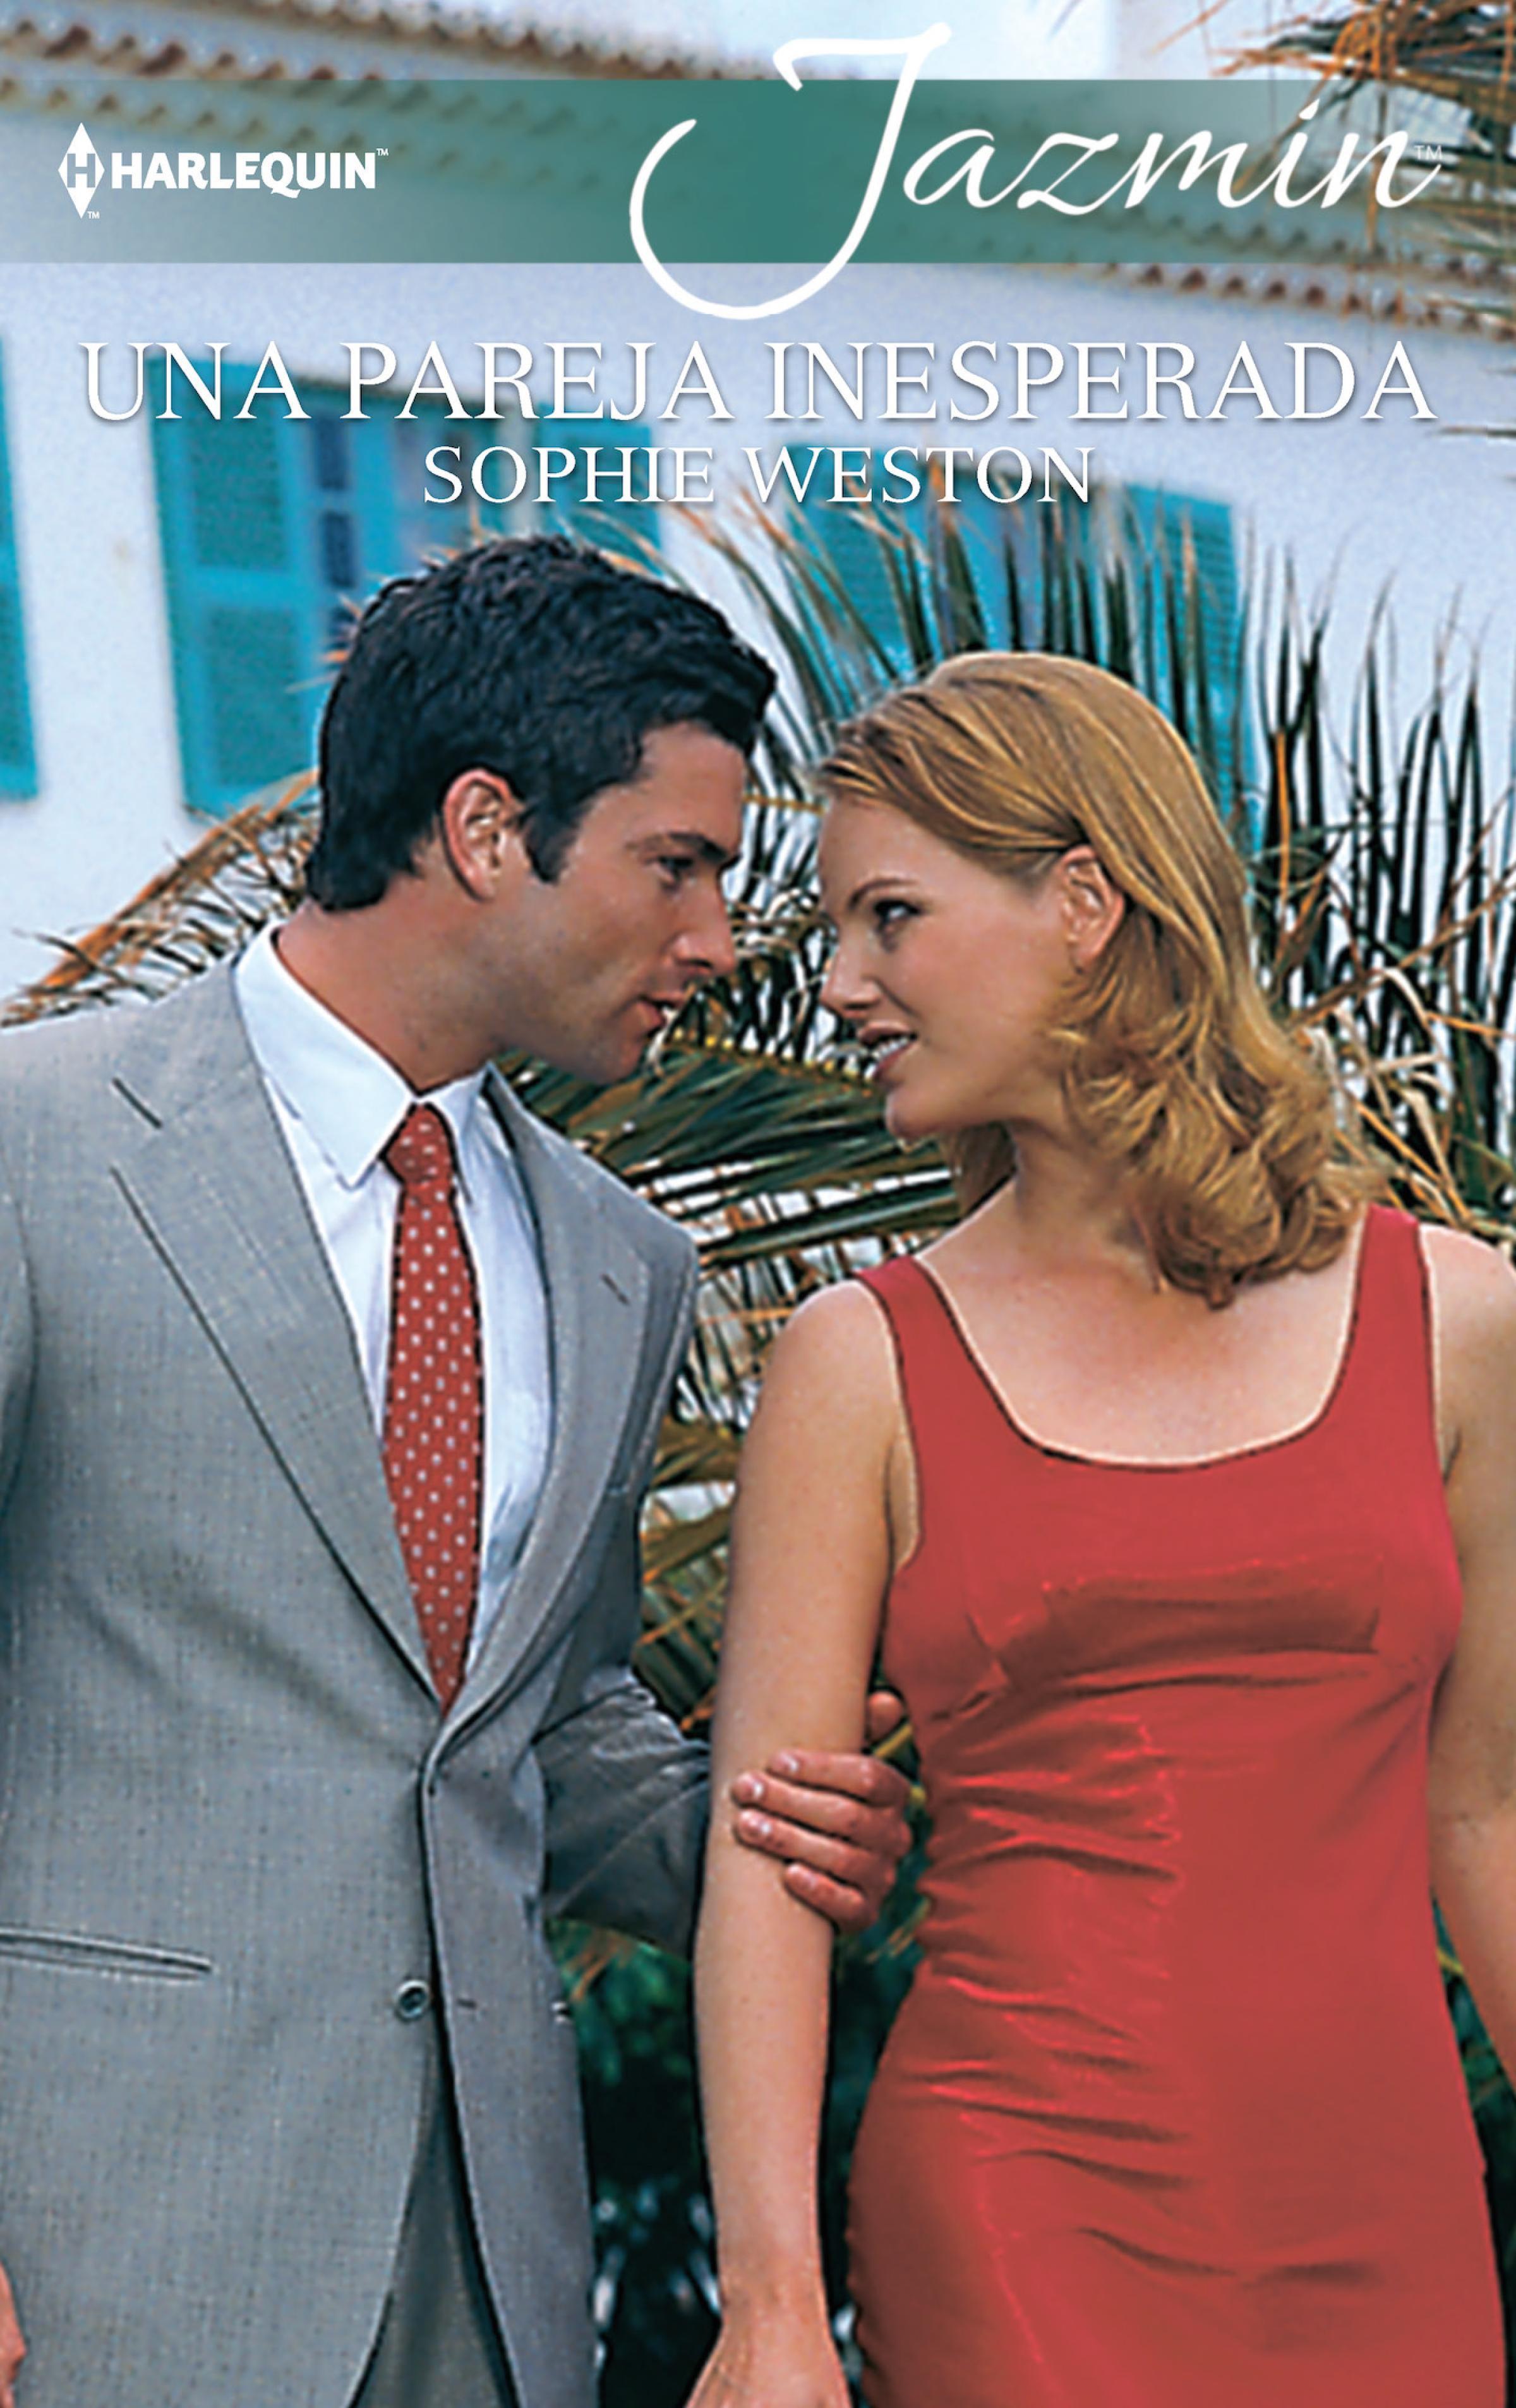 Sophie Weston Una pareja inesperada sophie weston una pareja inesperada